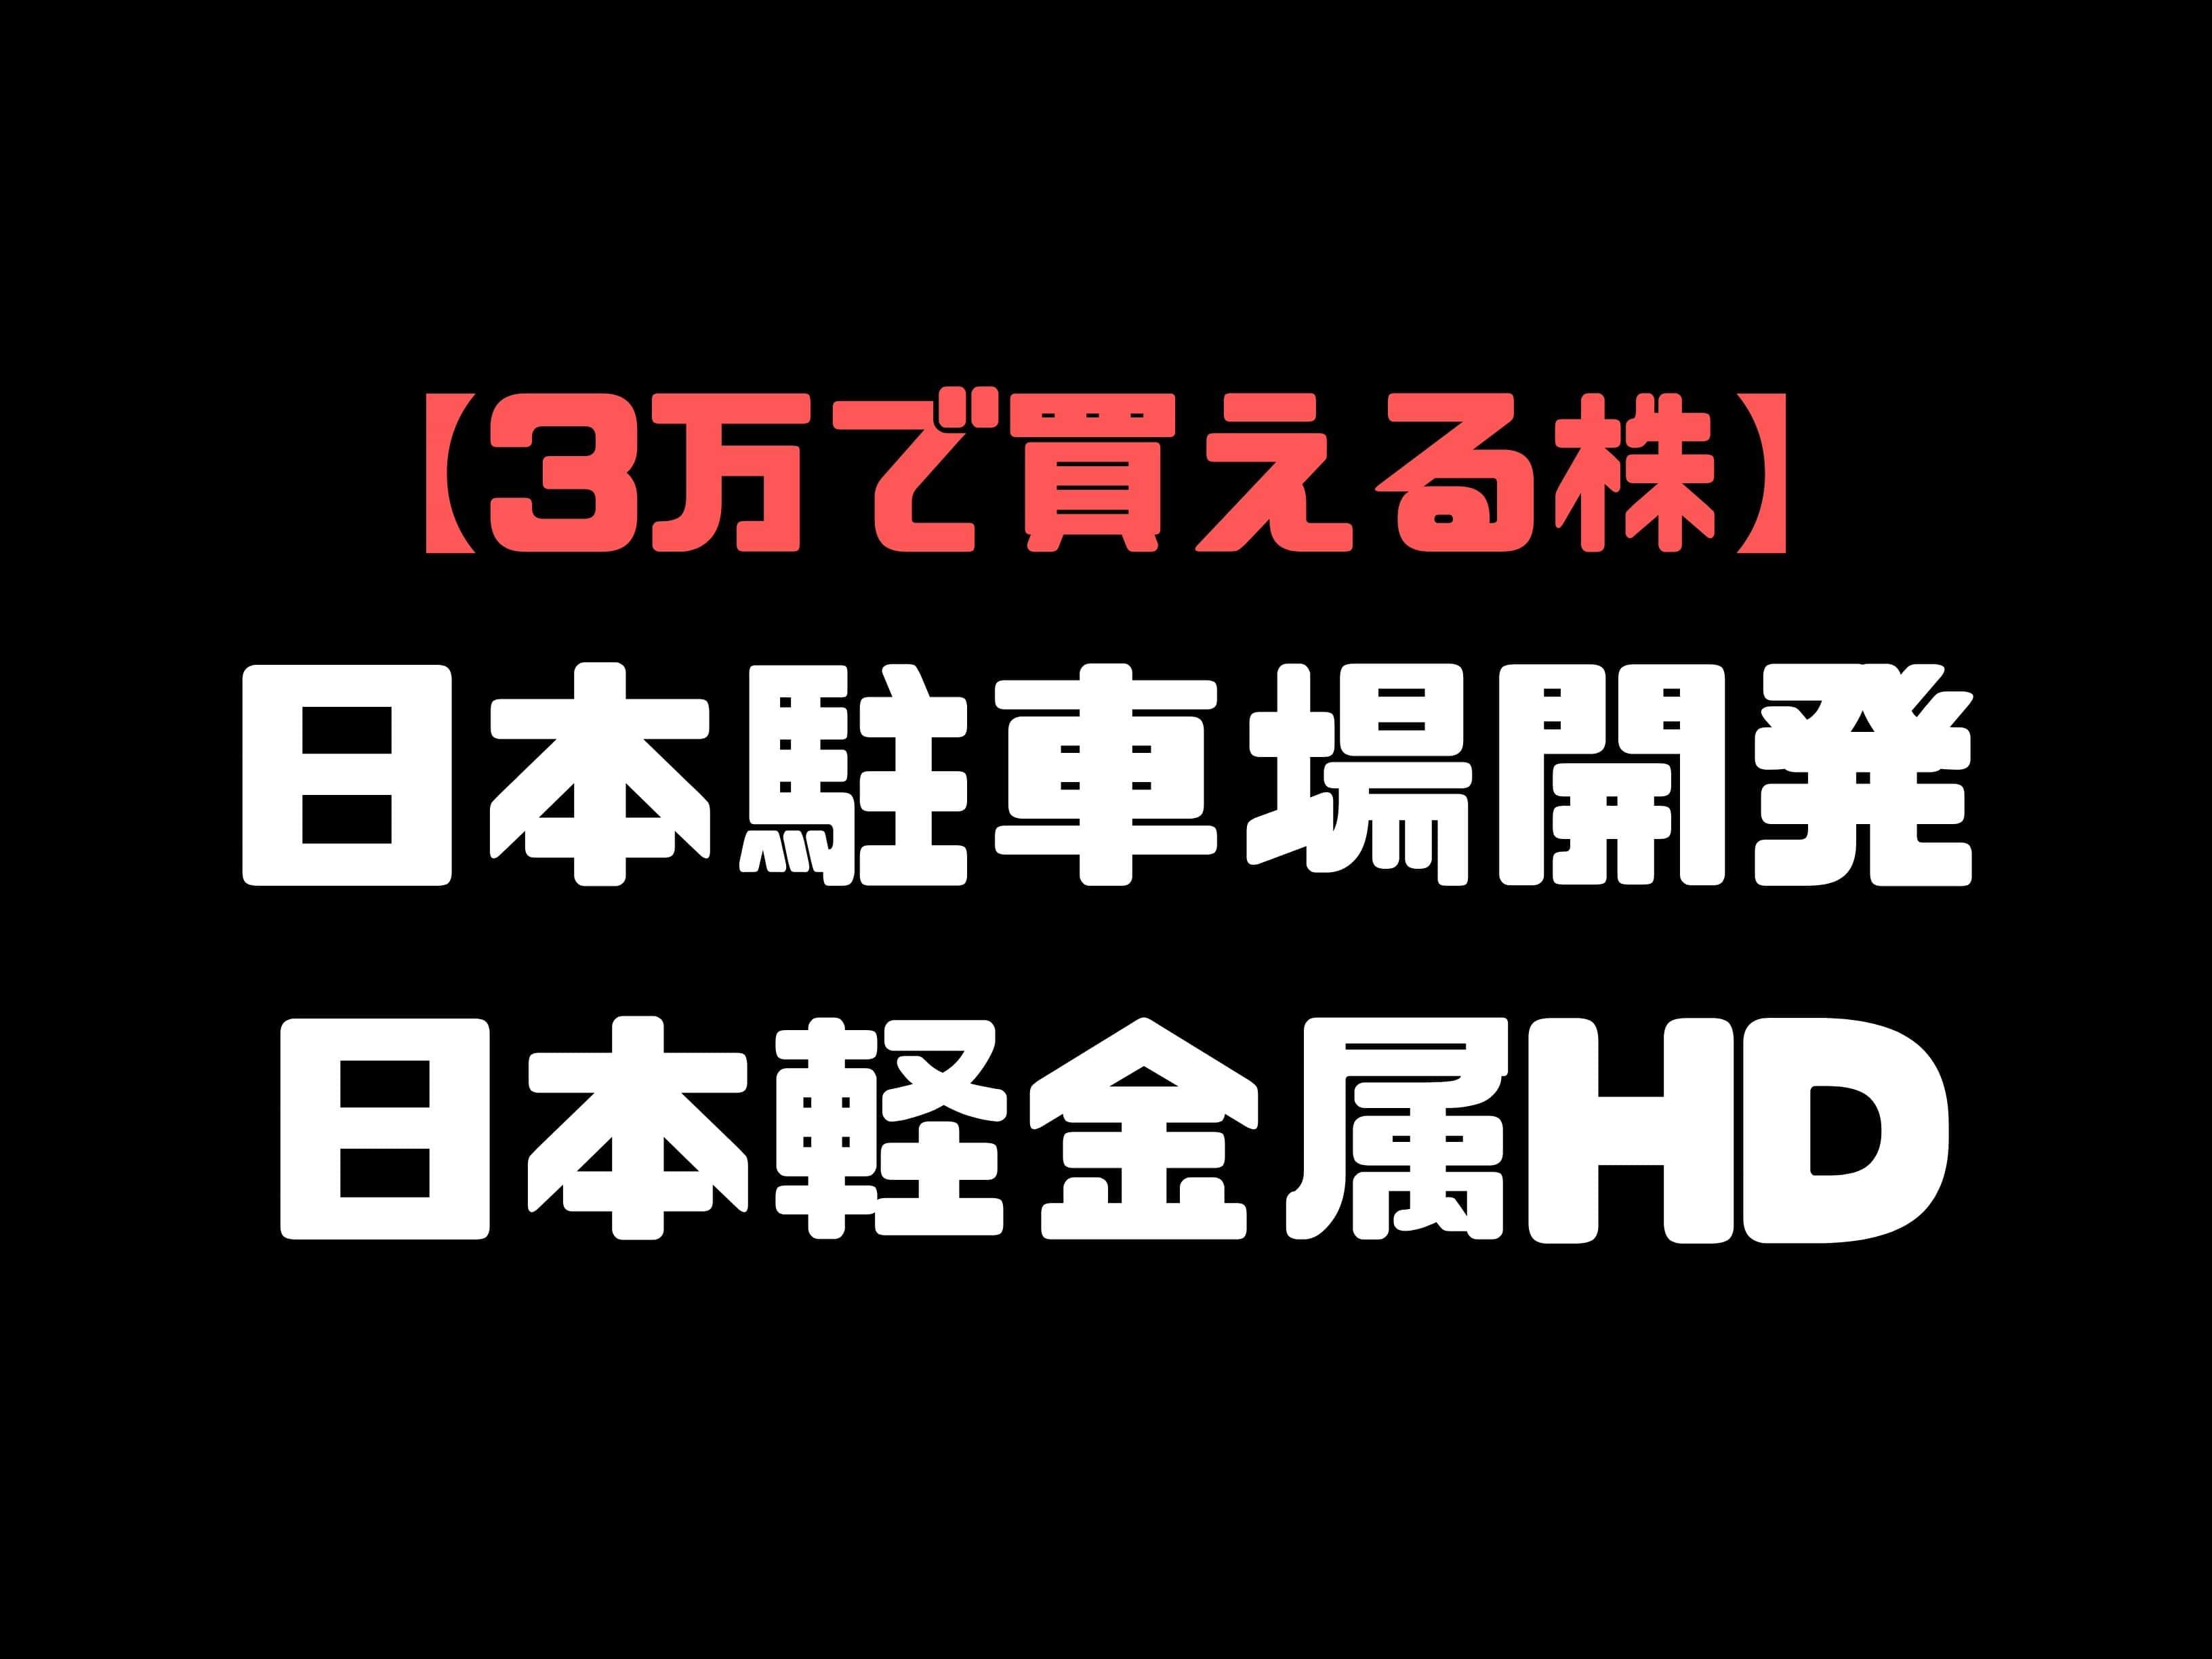 3万で買える株、日本駐車場開発・日本軽金属HD